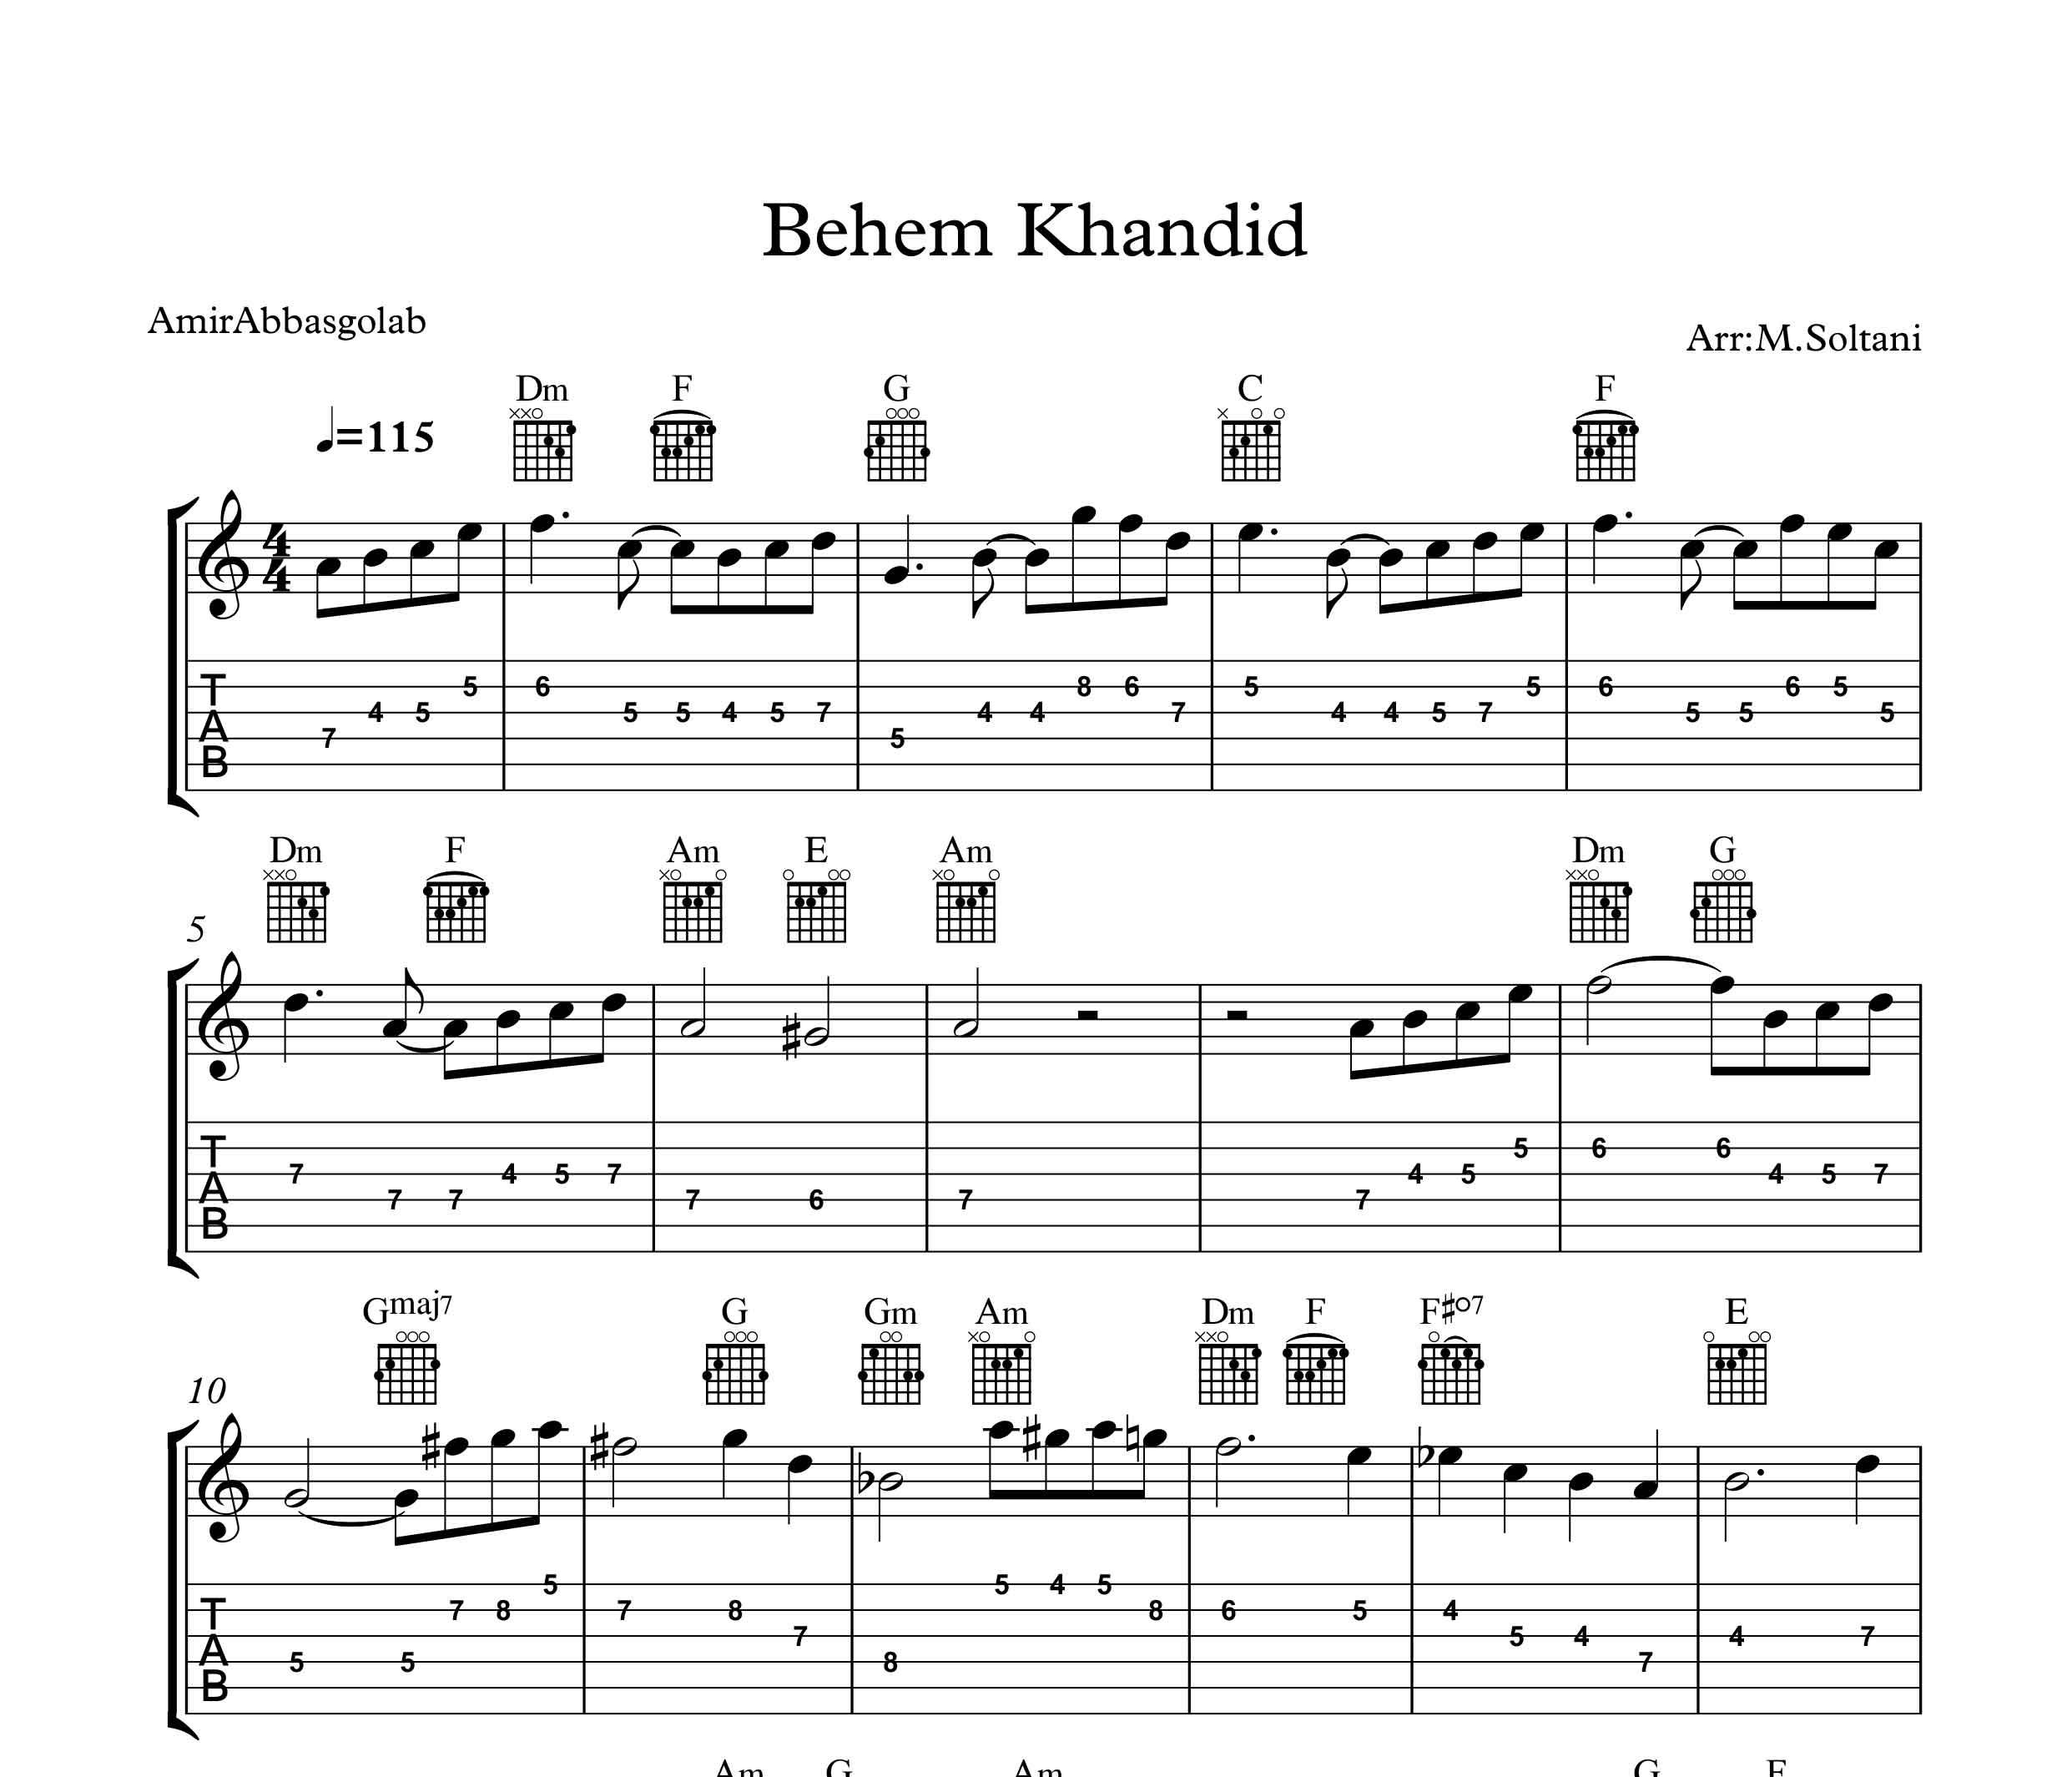 نت و تبلچر گیتار آهنگ بهم خندید از امیر عباس گلاب